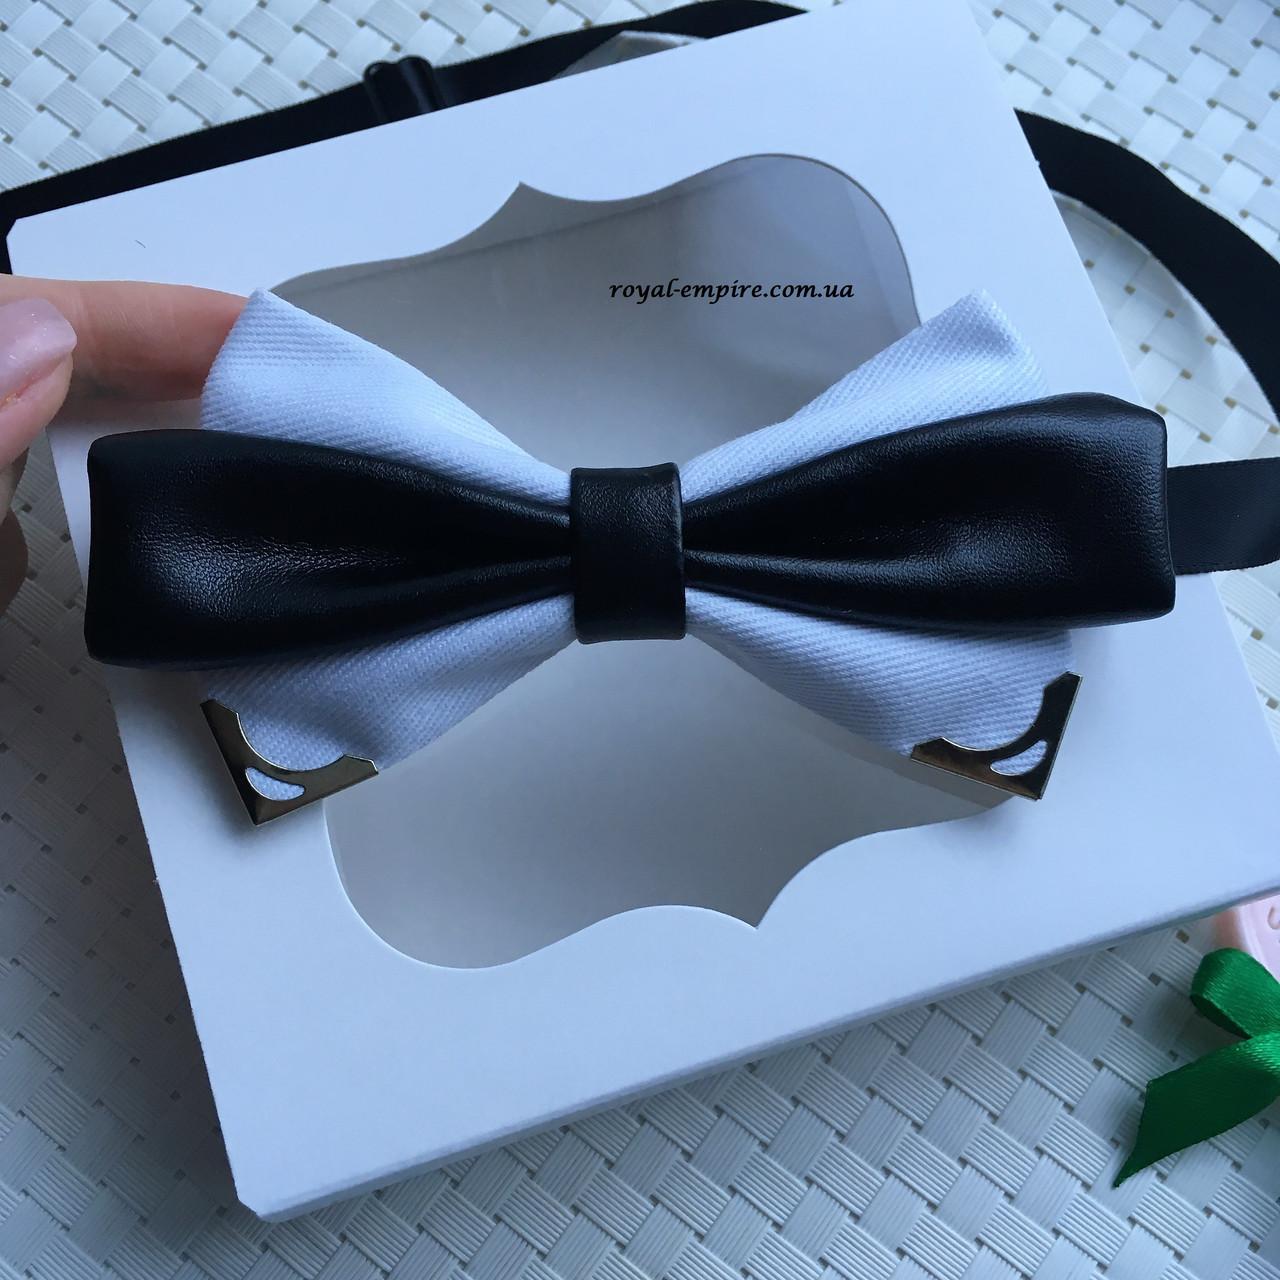 """Чоловіча метелик """"Амелі"""" білий, подарунковій упаковці."""